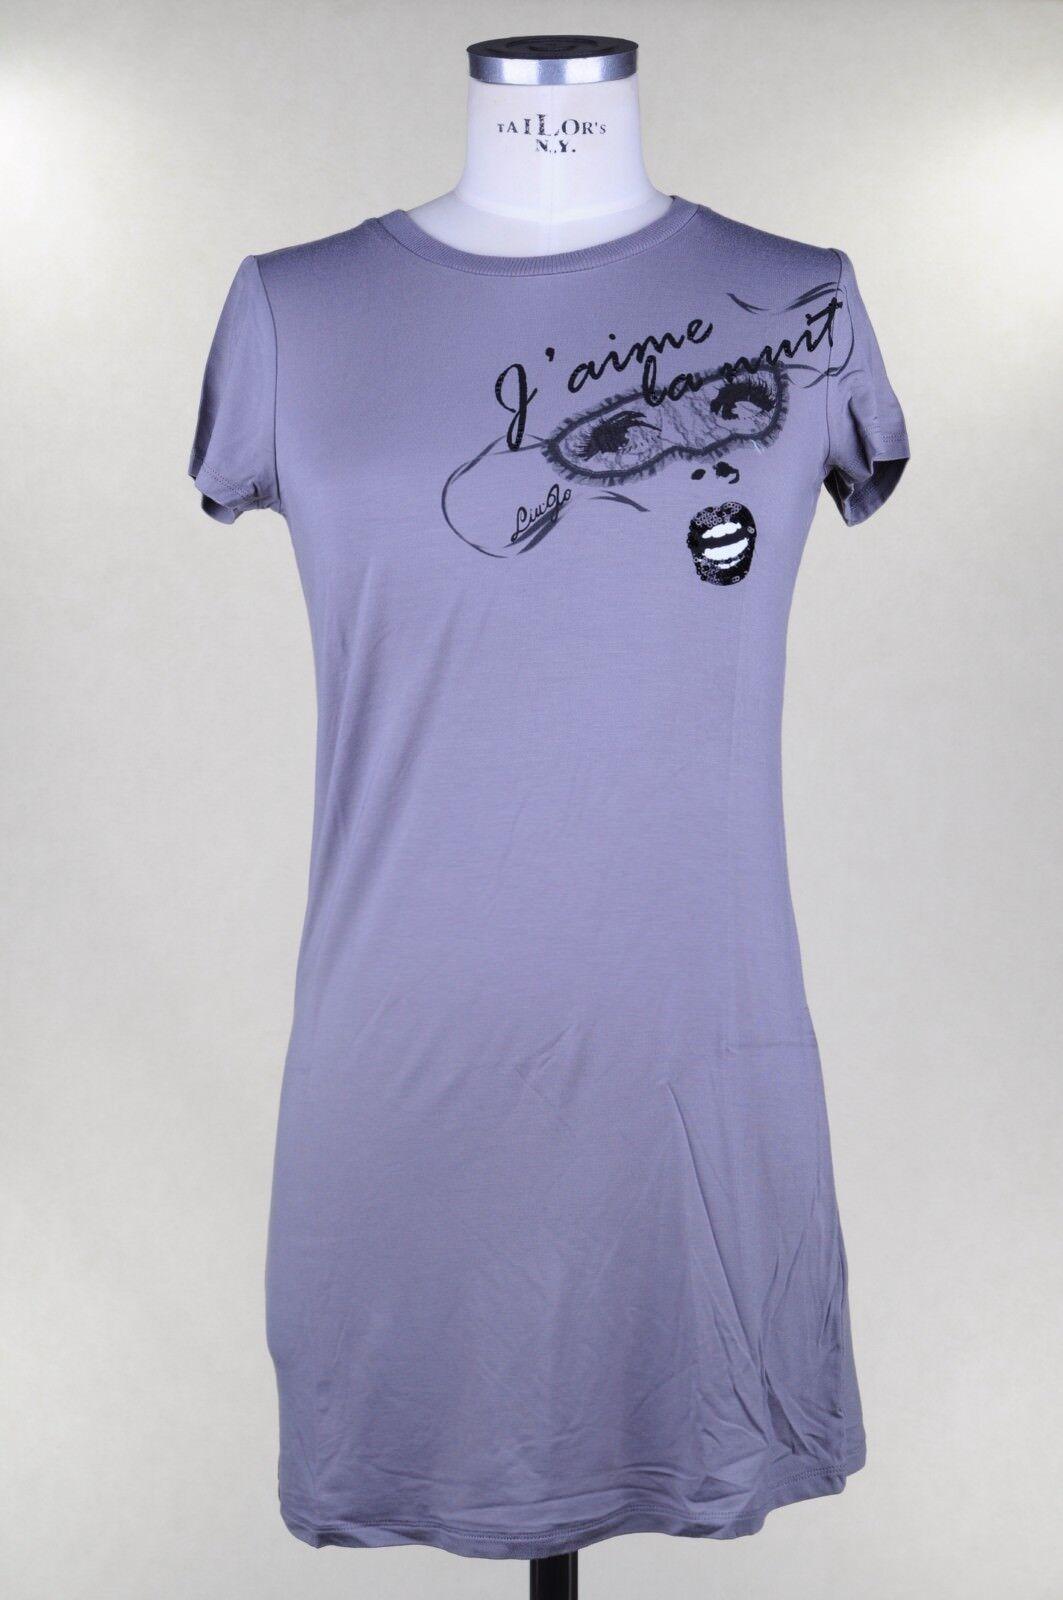 Liu-Jo - Topwear-T-shirts - woman - 675017C181003